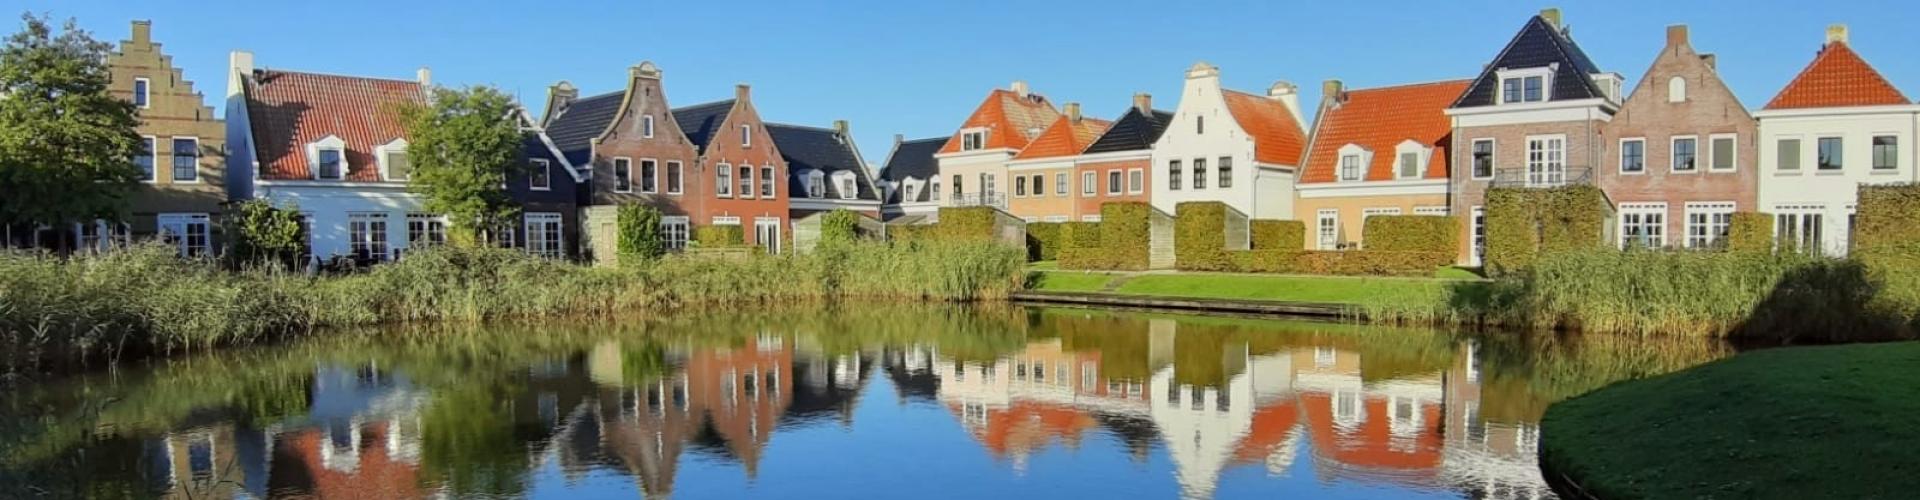 Overnachten in Friesland met kinderen